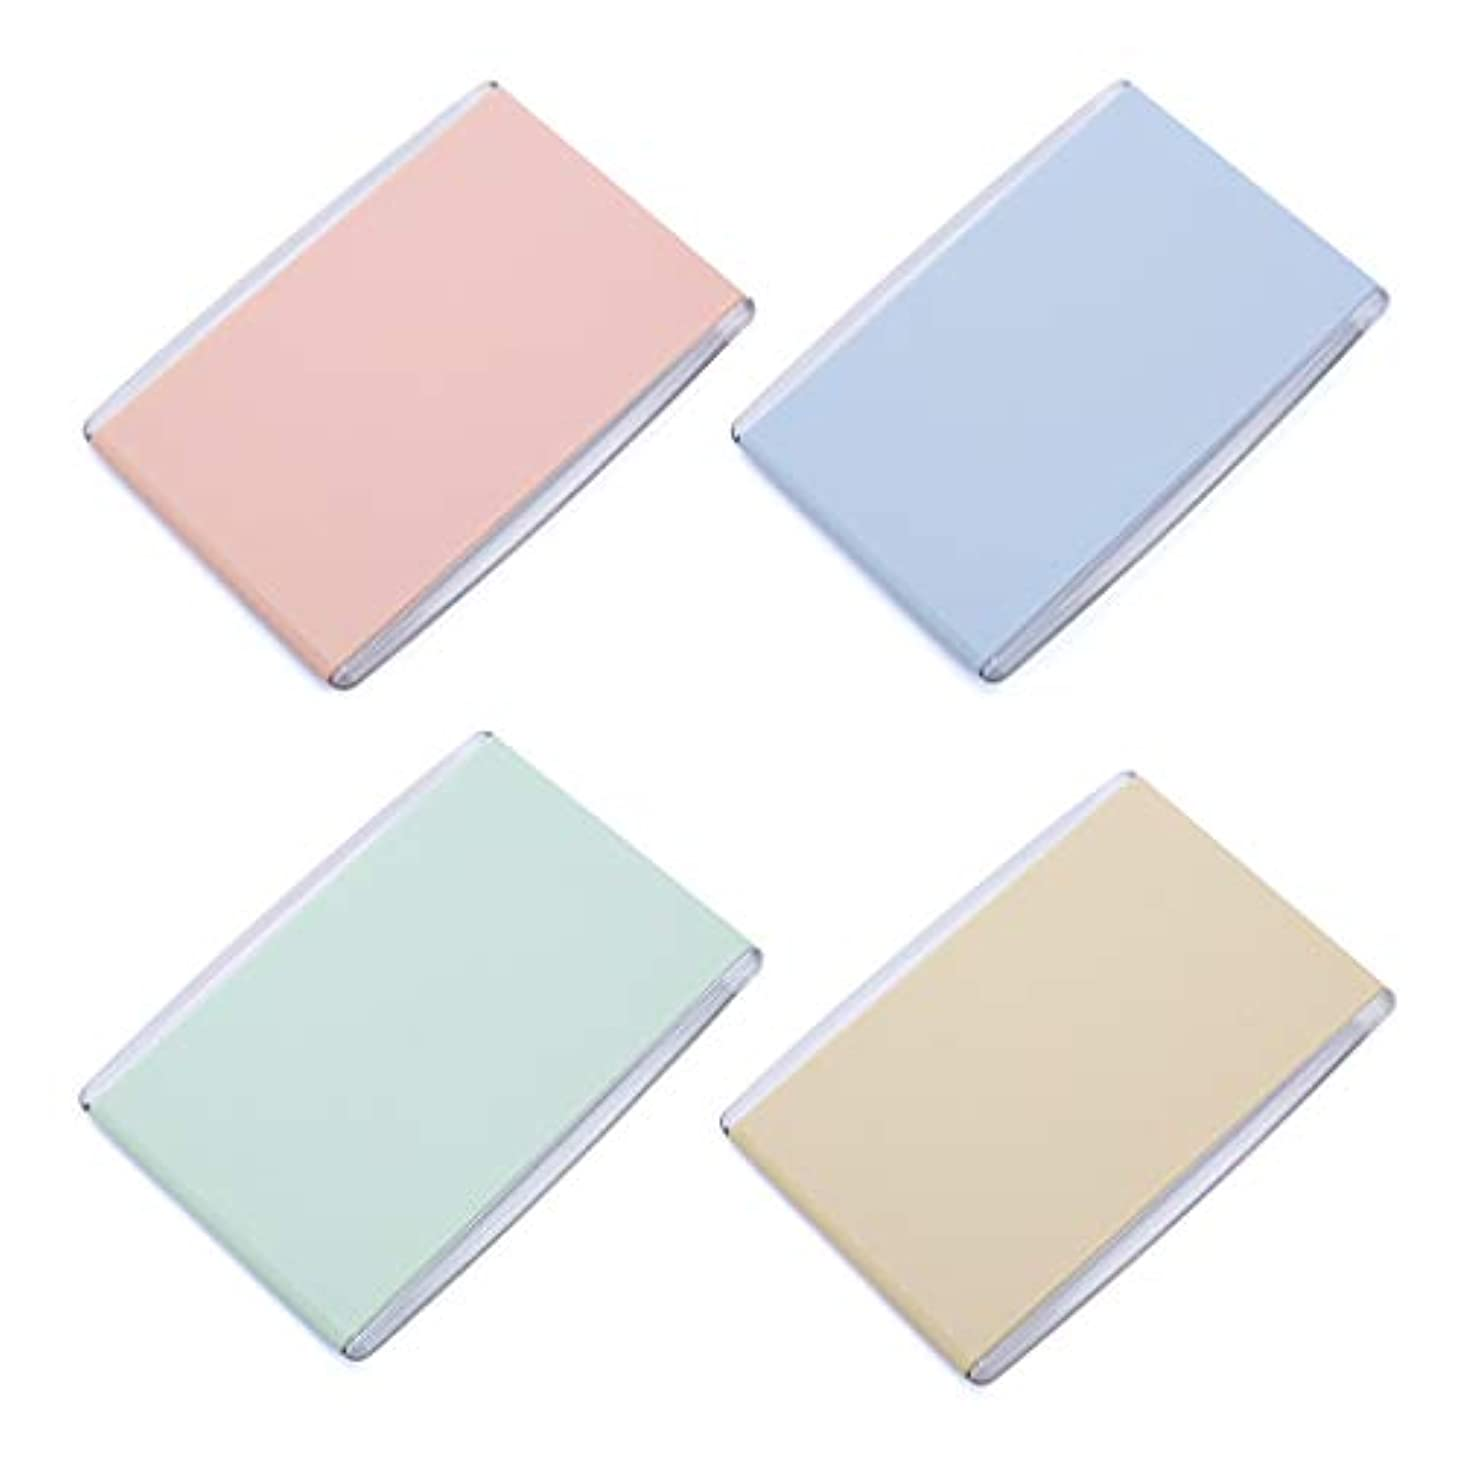 Manyao 1Pc女性の女の子ポータブル折りたたみ長方形7.8x11cmミニコンパクトポケットミラーキャンディーカラー片面の旅行デスクトップの化粧品ツール